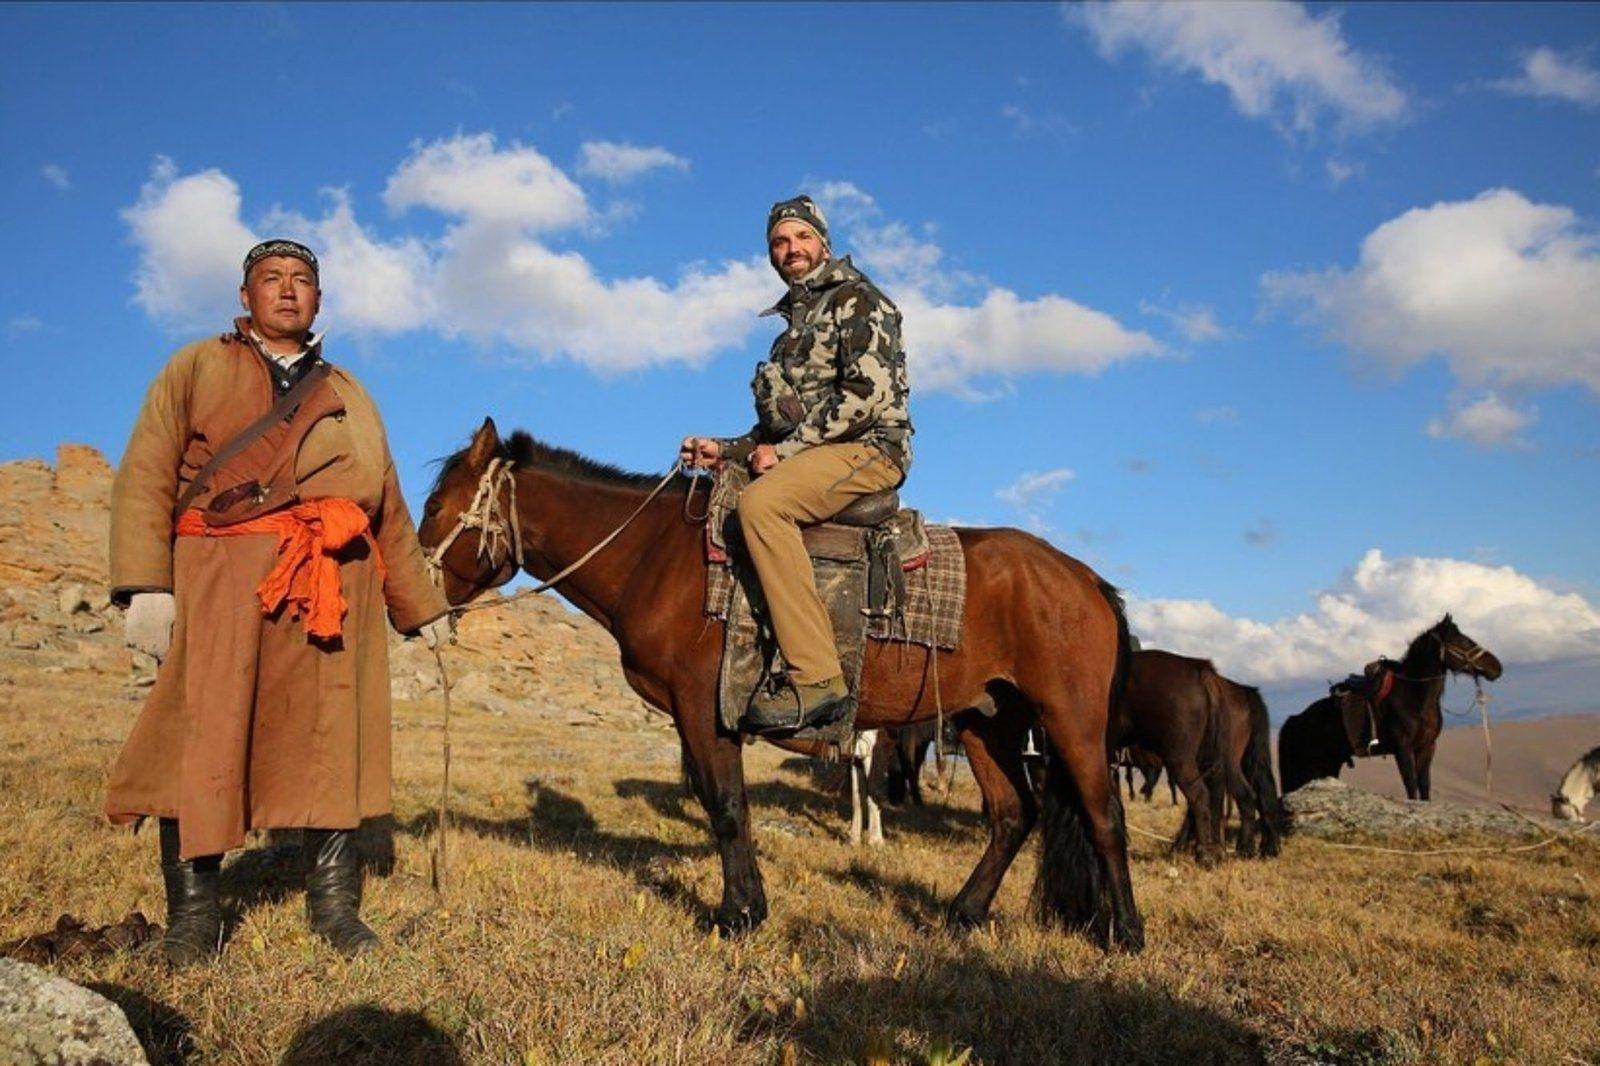 Дональд Трампын хүү Монголд аргаль агнахдаа улсынхаа төсвөөс $75,000-ын зардал гаргасан нь ил болжээ